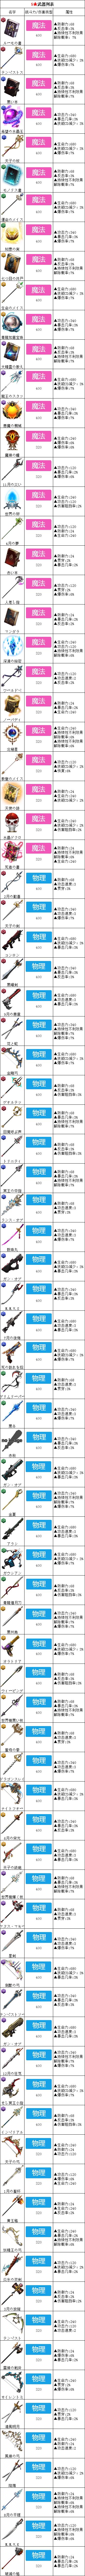 5星武器.png